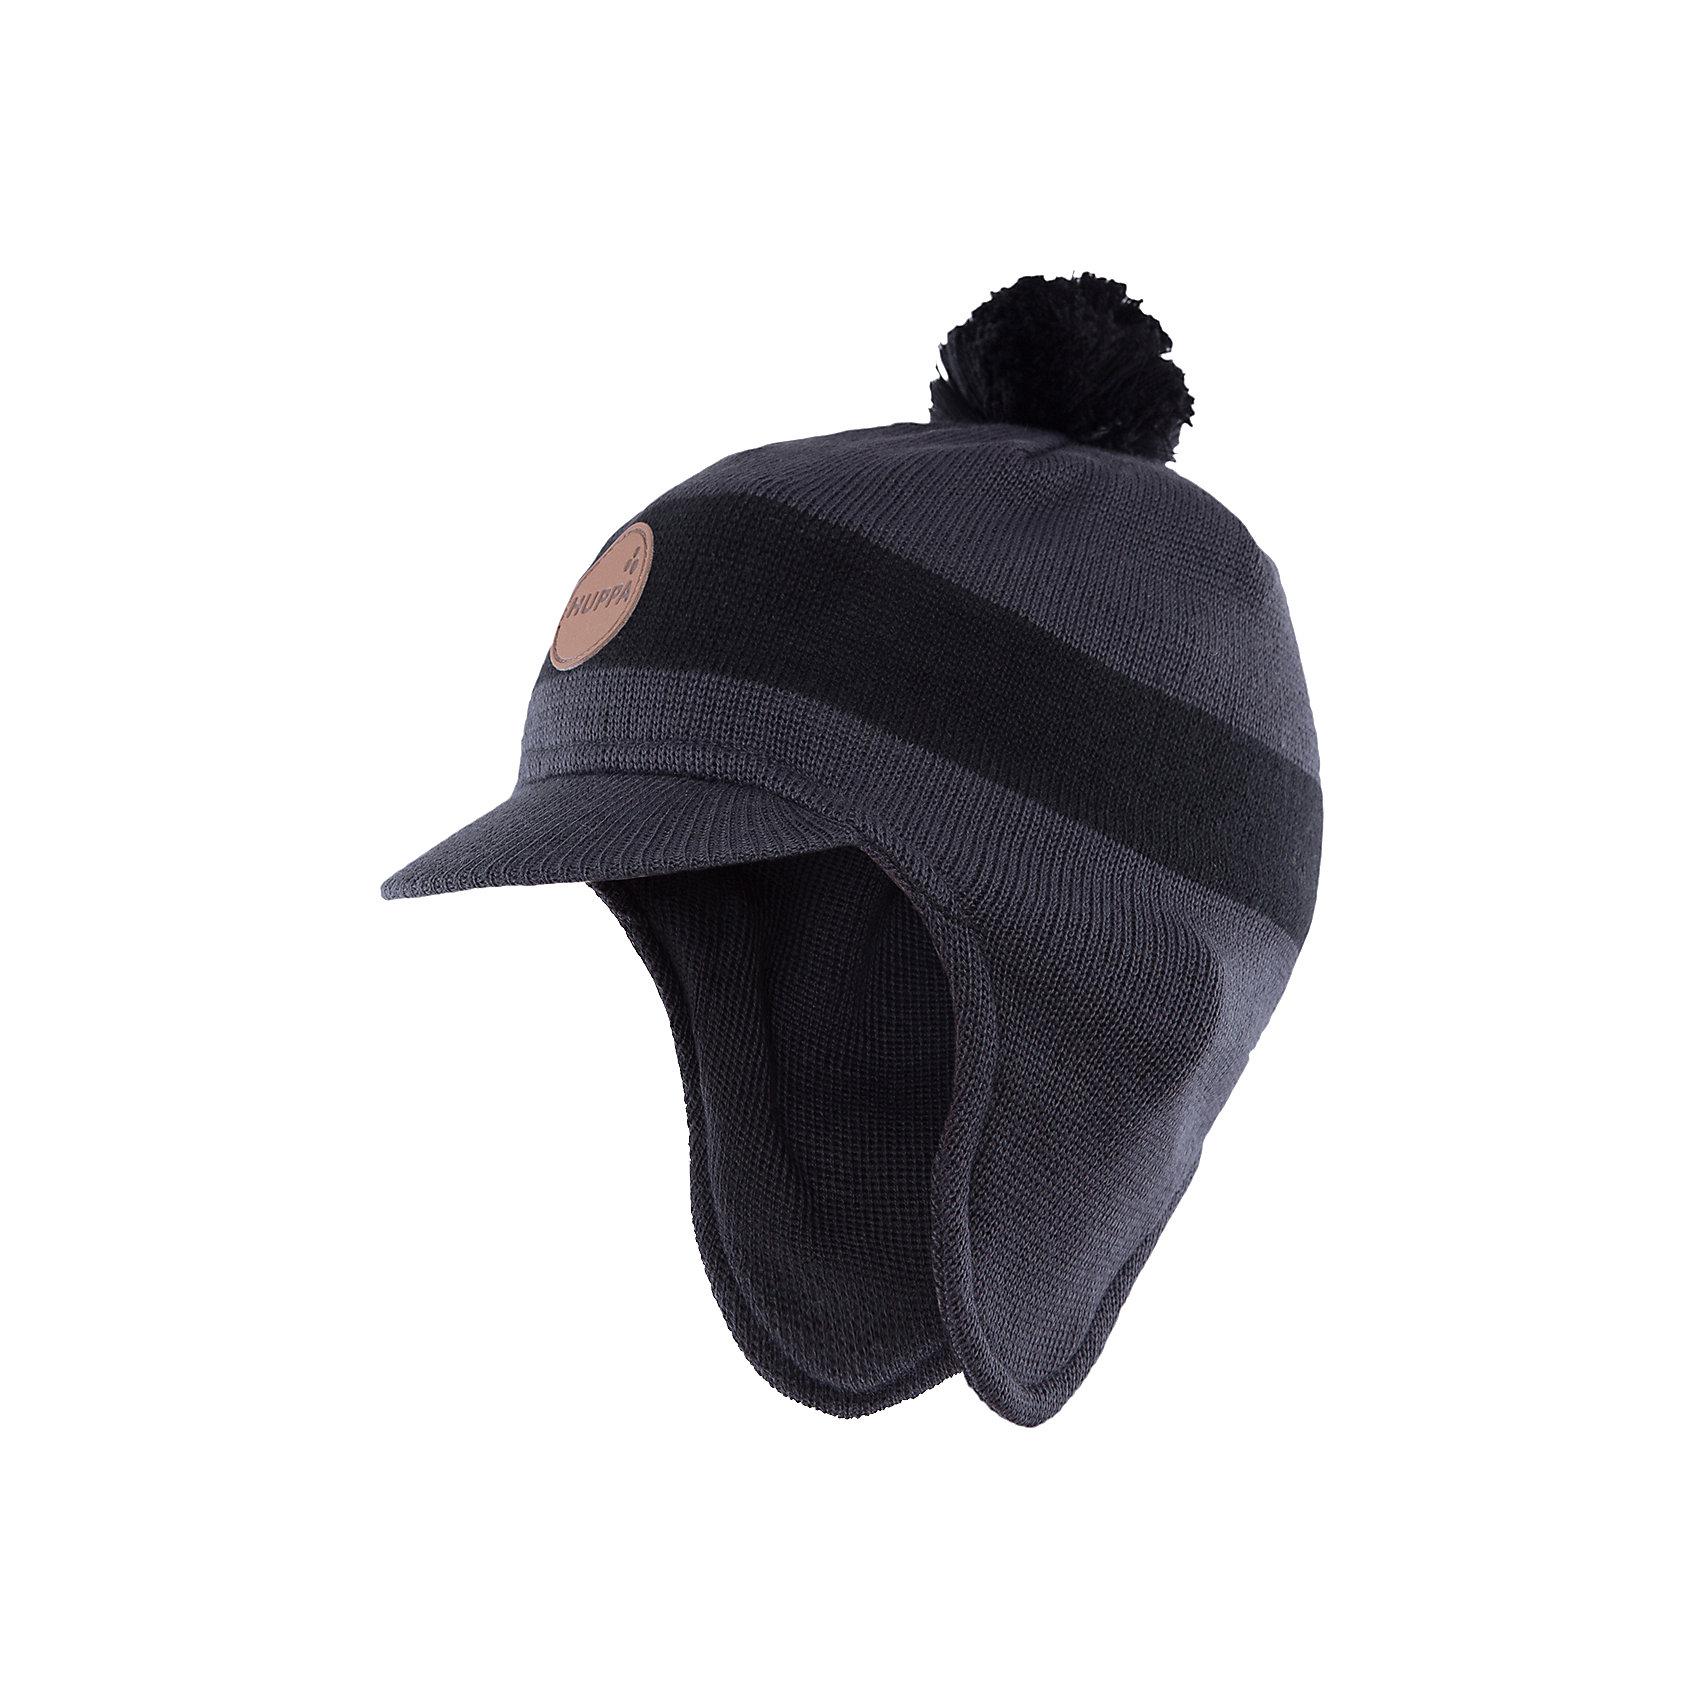 Шапка  HuppaГоловные уборы<br>Шапка Peak с козырьком от Huppa(Хуппа) надежно сохранит тепло для вашего ребенка. Она изготовлена из шерсти и акрила, с подкладкой из натурального хлопка. Удлиненные бока и козырек защитят малыша от мороза и ветра. Шапка украшена помпоном и эмблемой фирмы. Прекрасно подойдет для холодной погоды.<br><br>Дополнительная информация:<br>Цвет: темно-серый<br>Материал: 30% шерсть мериноса, 70% акрил<br>Подкладка: 100% хлопок<br><br>Шапку с козырьком Huppa(Хуппа) вы можете купить в нашем интернет-магазине.<br><br>Ширина мм: 89<br>Глубина мм: 117<br>Высота мм: 44<br>Вес г: 155<br>Цвет: серый<br>Возраст от месяцев: 12<br>Возраст до месяцев: 24<br>Пол: Мужской<br>Возраст: Детский<br>Размер: 47-49,55-57,51-53<br>SKU: 4923557